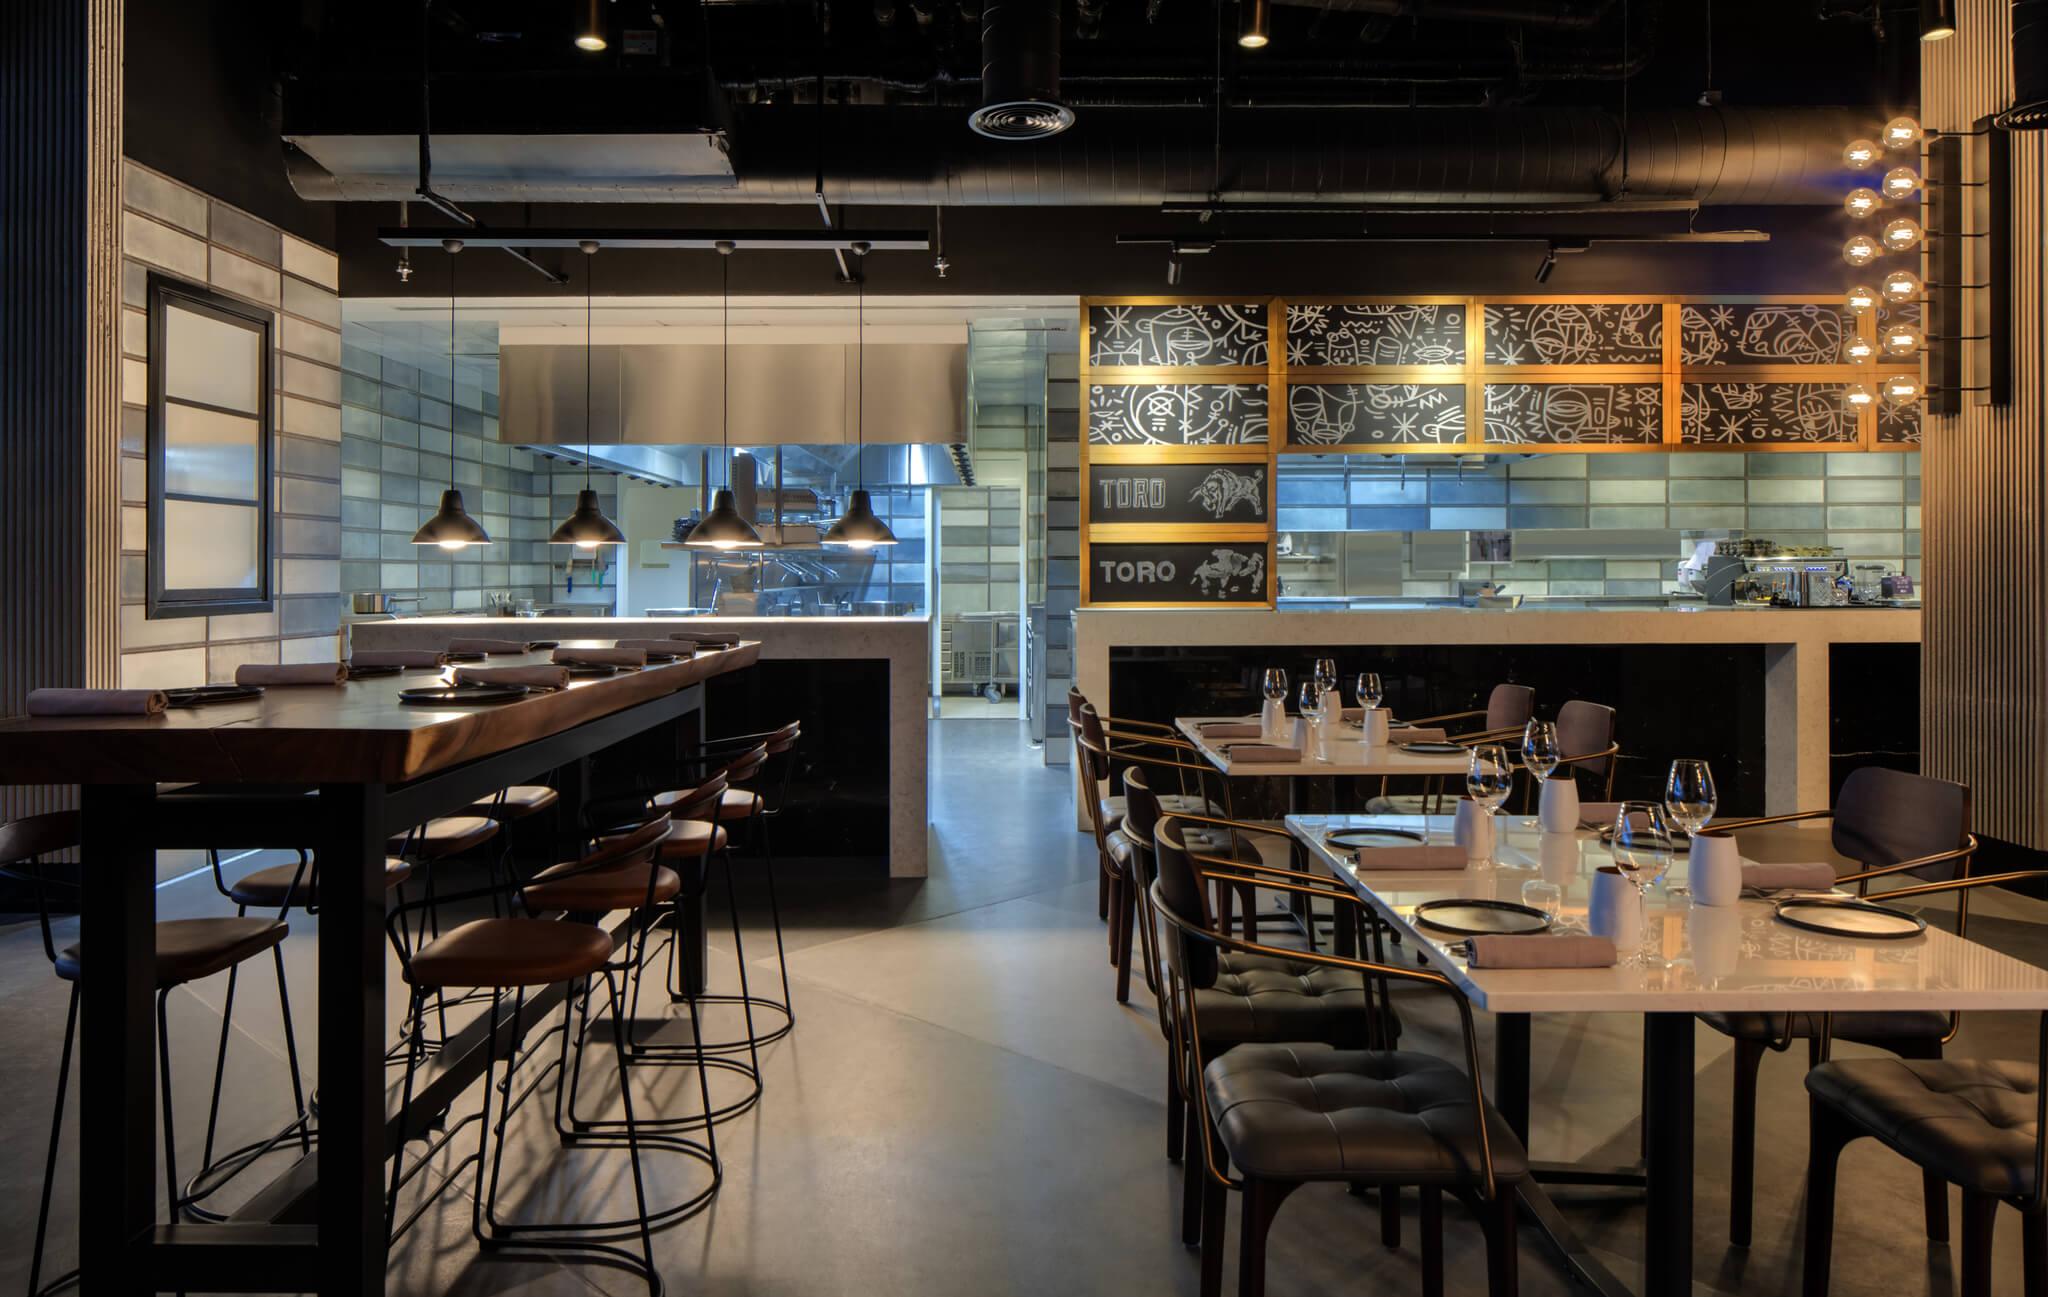 أحدث عروض مطعم التاباس تورو + كو دبي